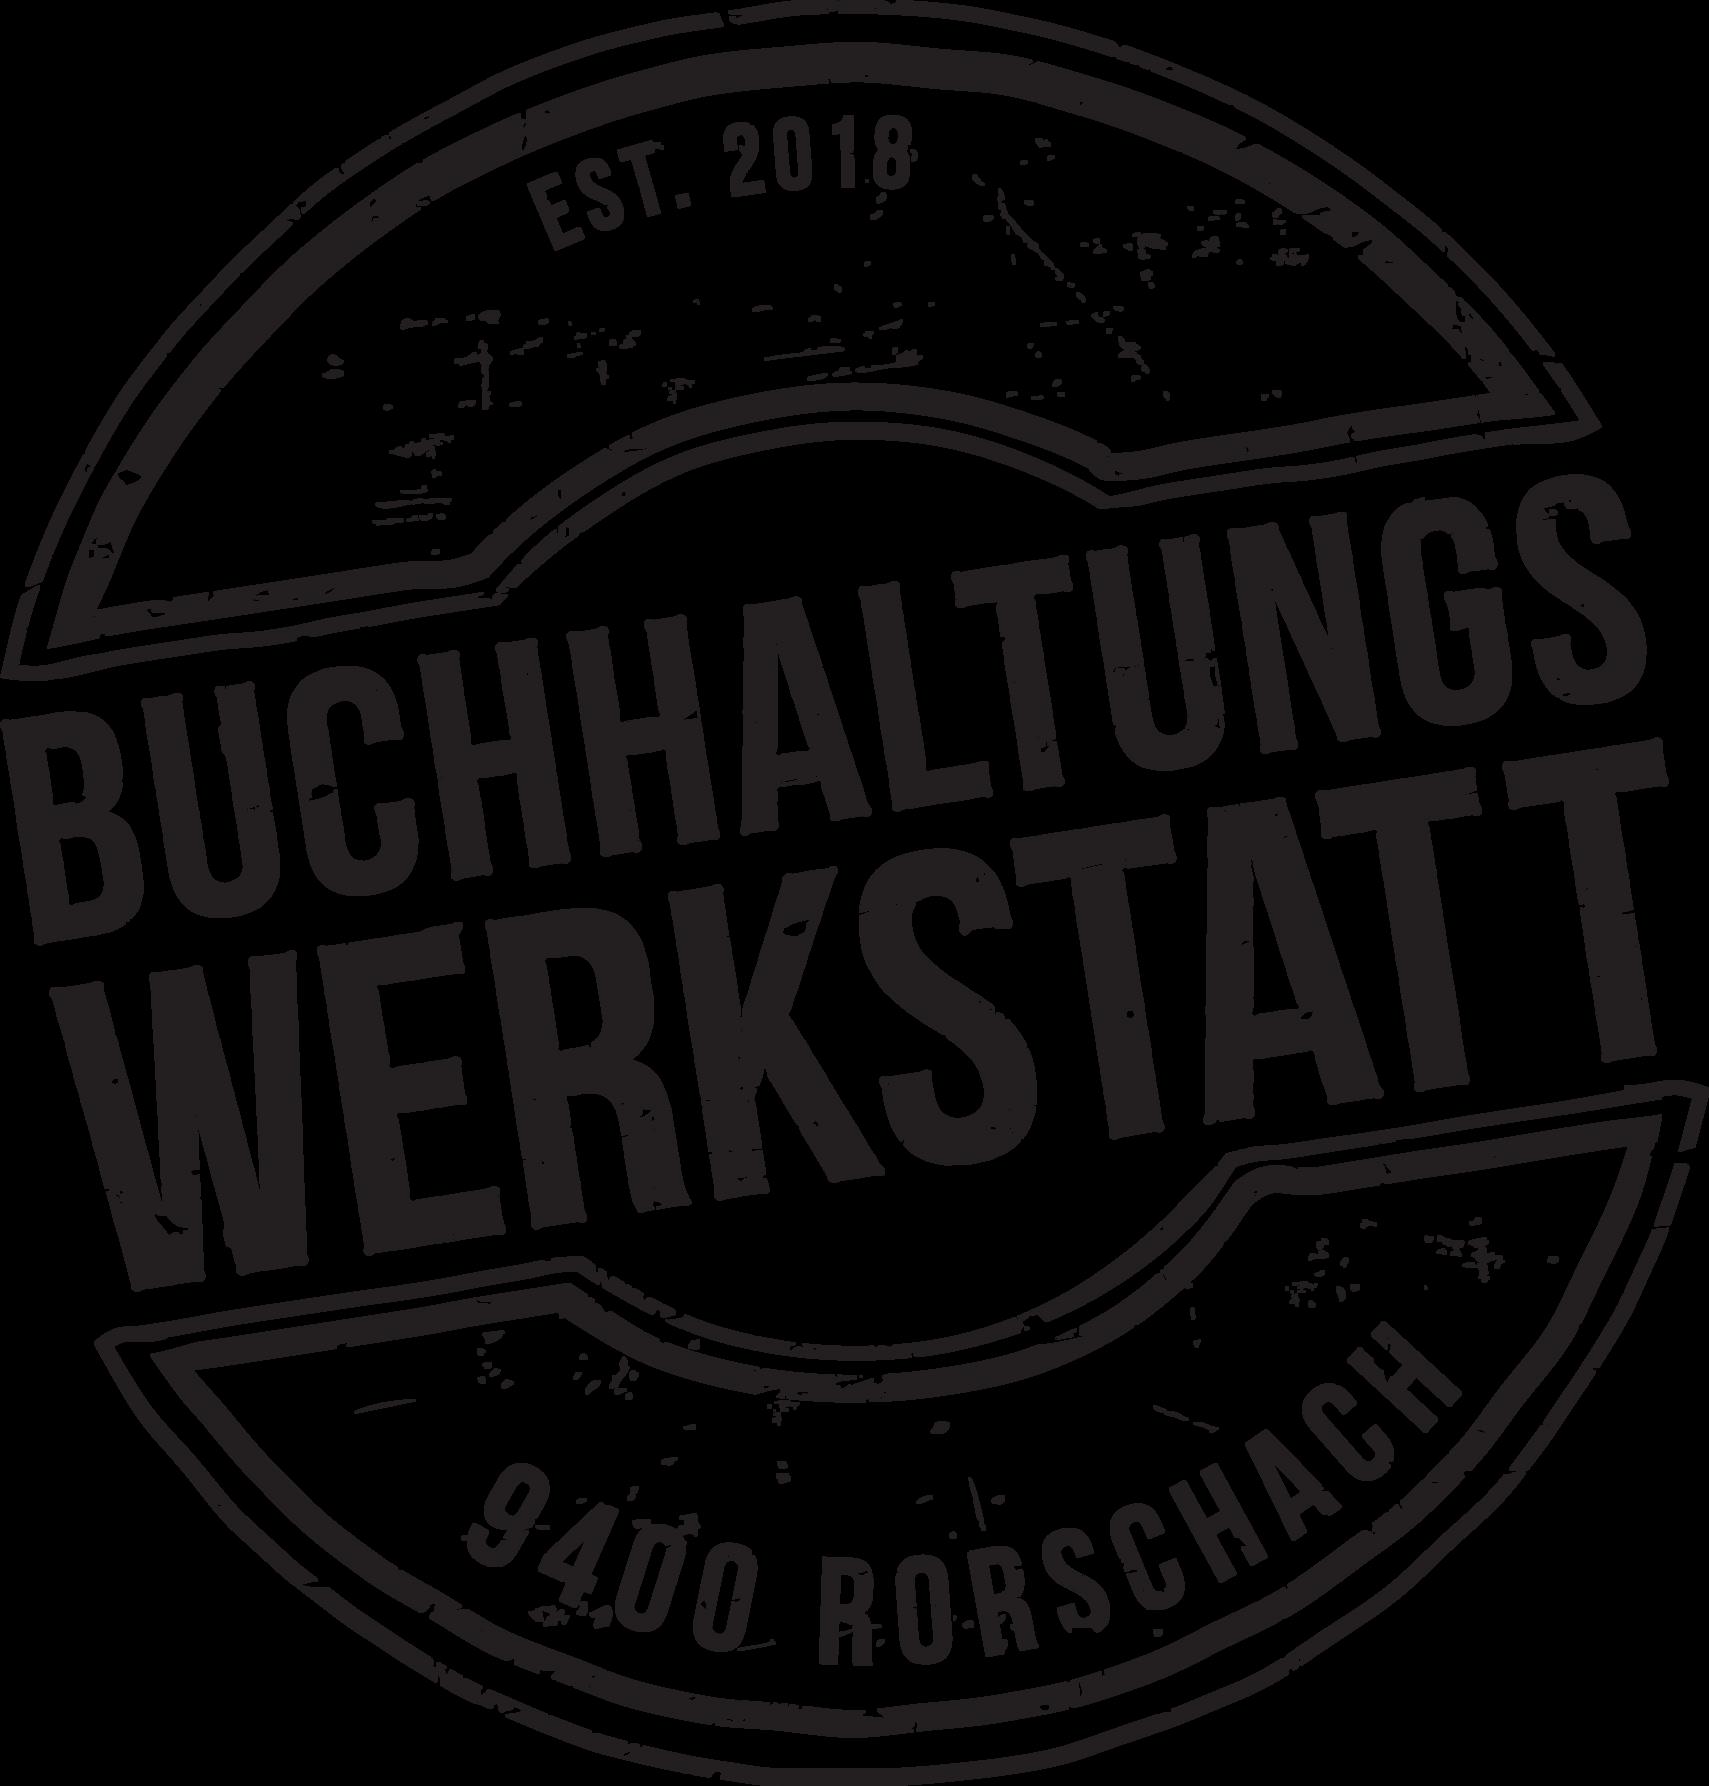 BuchhaltungsWerkstatt GmbH